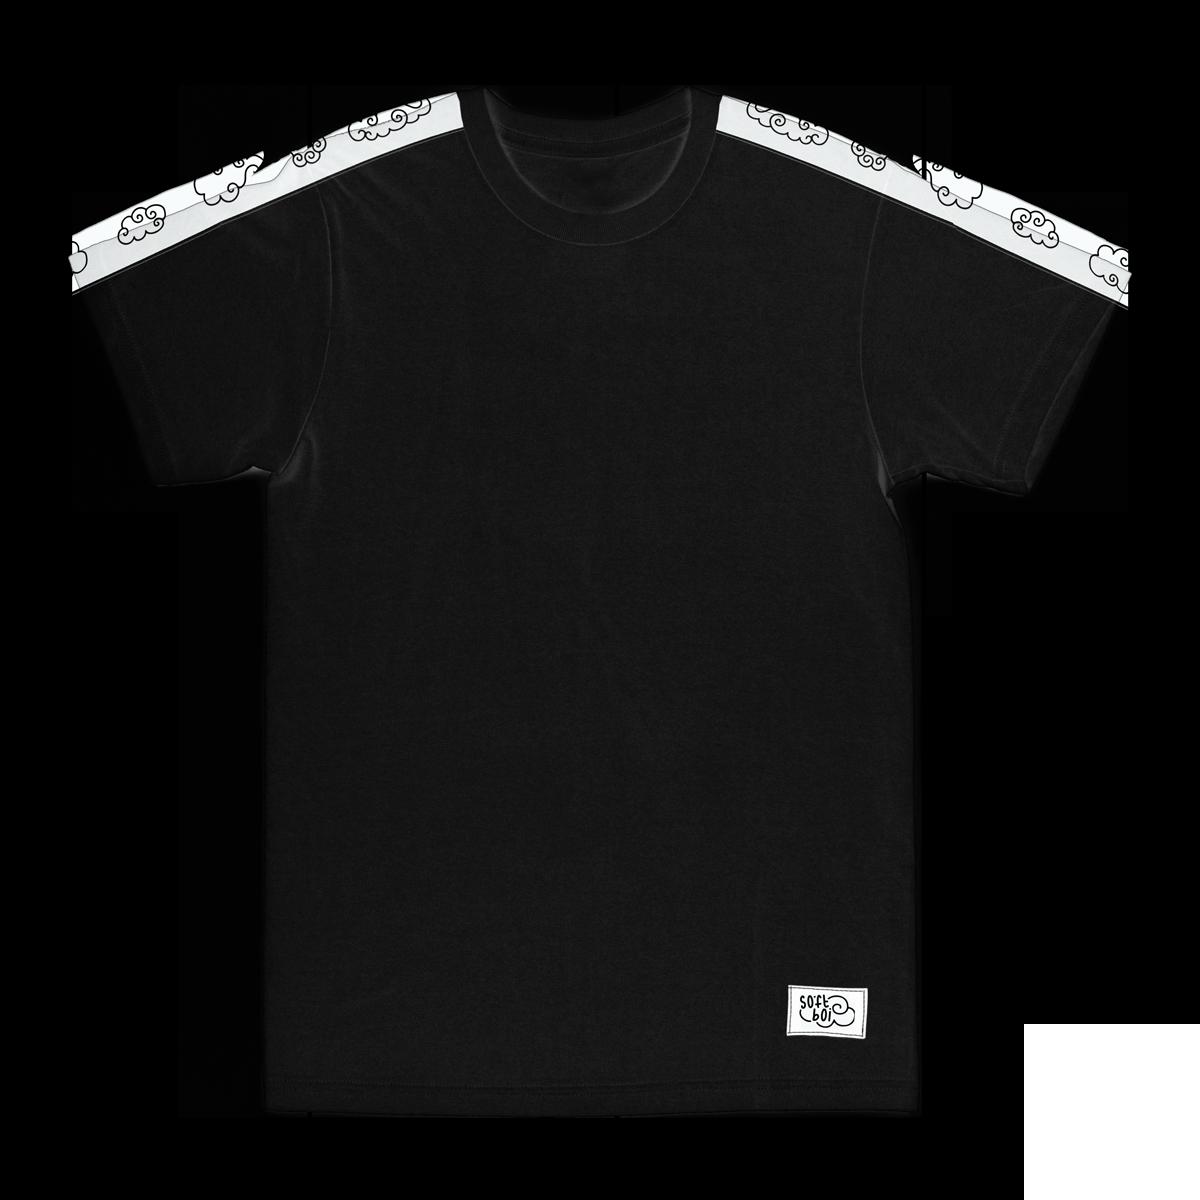 Sleeve Stripe Tee - Black